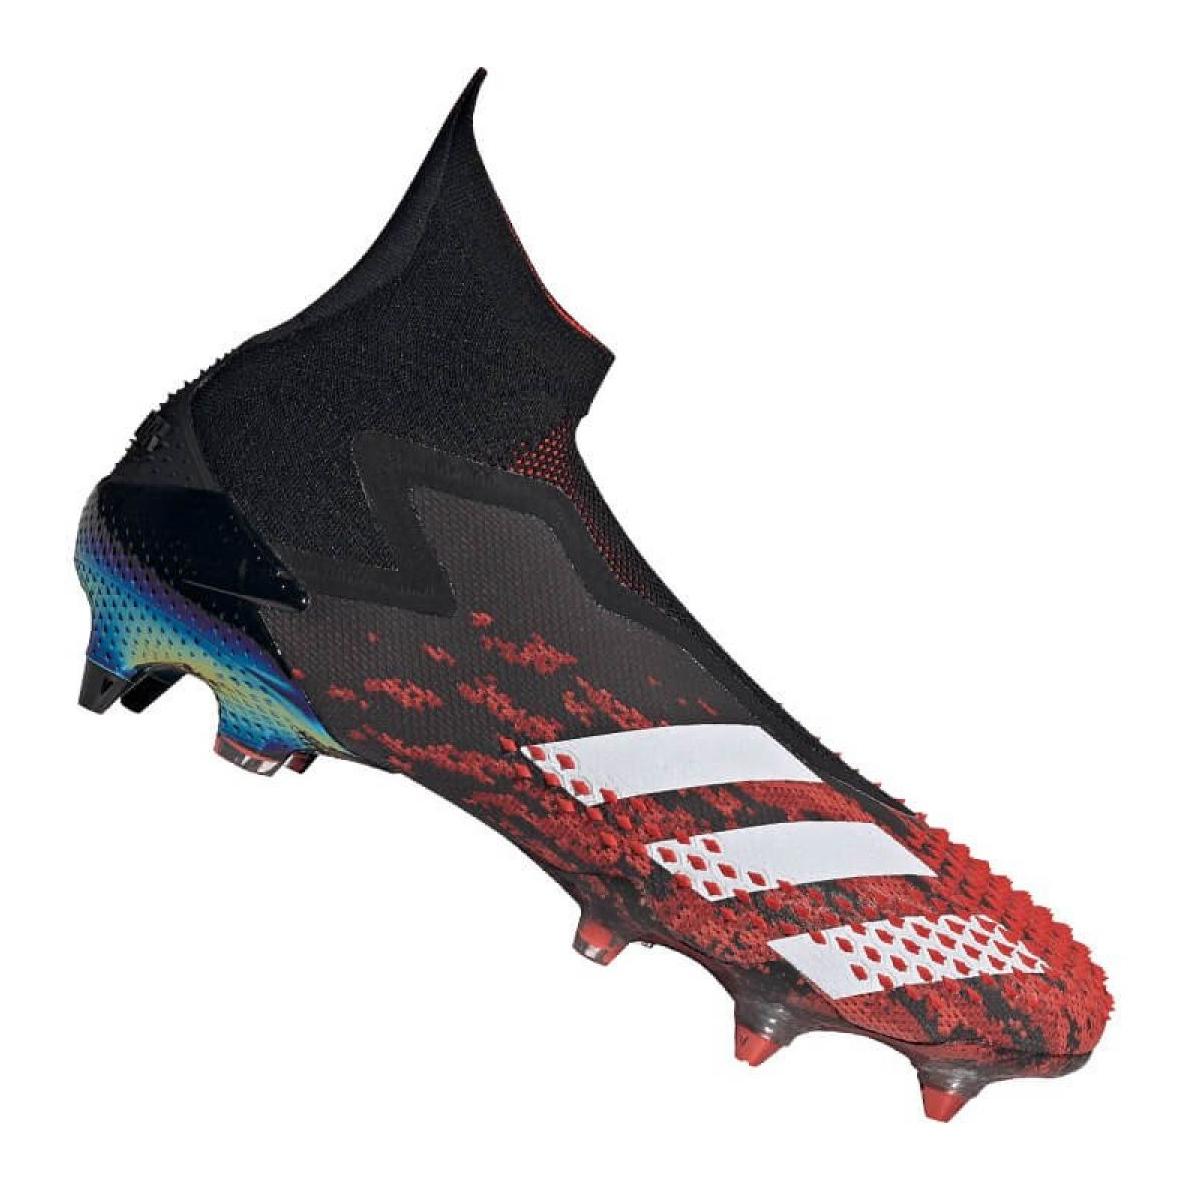 Adidas sapatos Predator 20+ Sg M EF1567 preto, vermelho